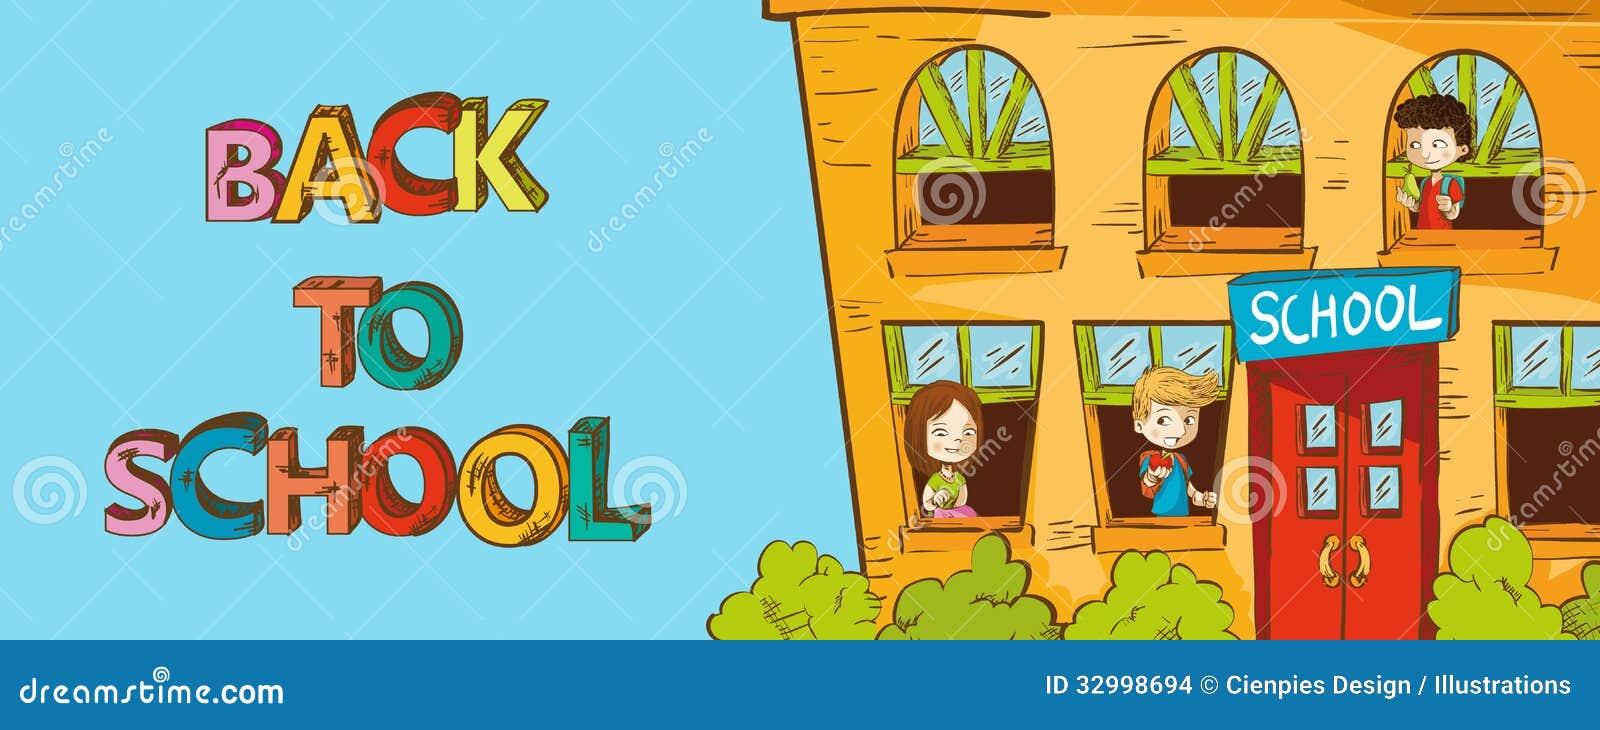 Desenho De Uma Escola Colorida Melhores Casas De Todas As